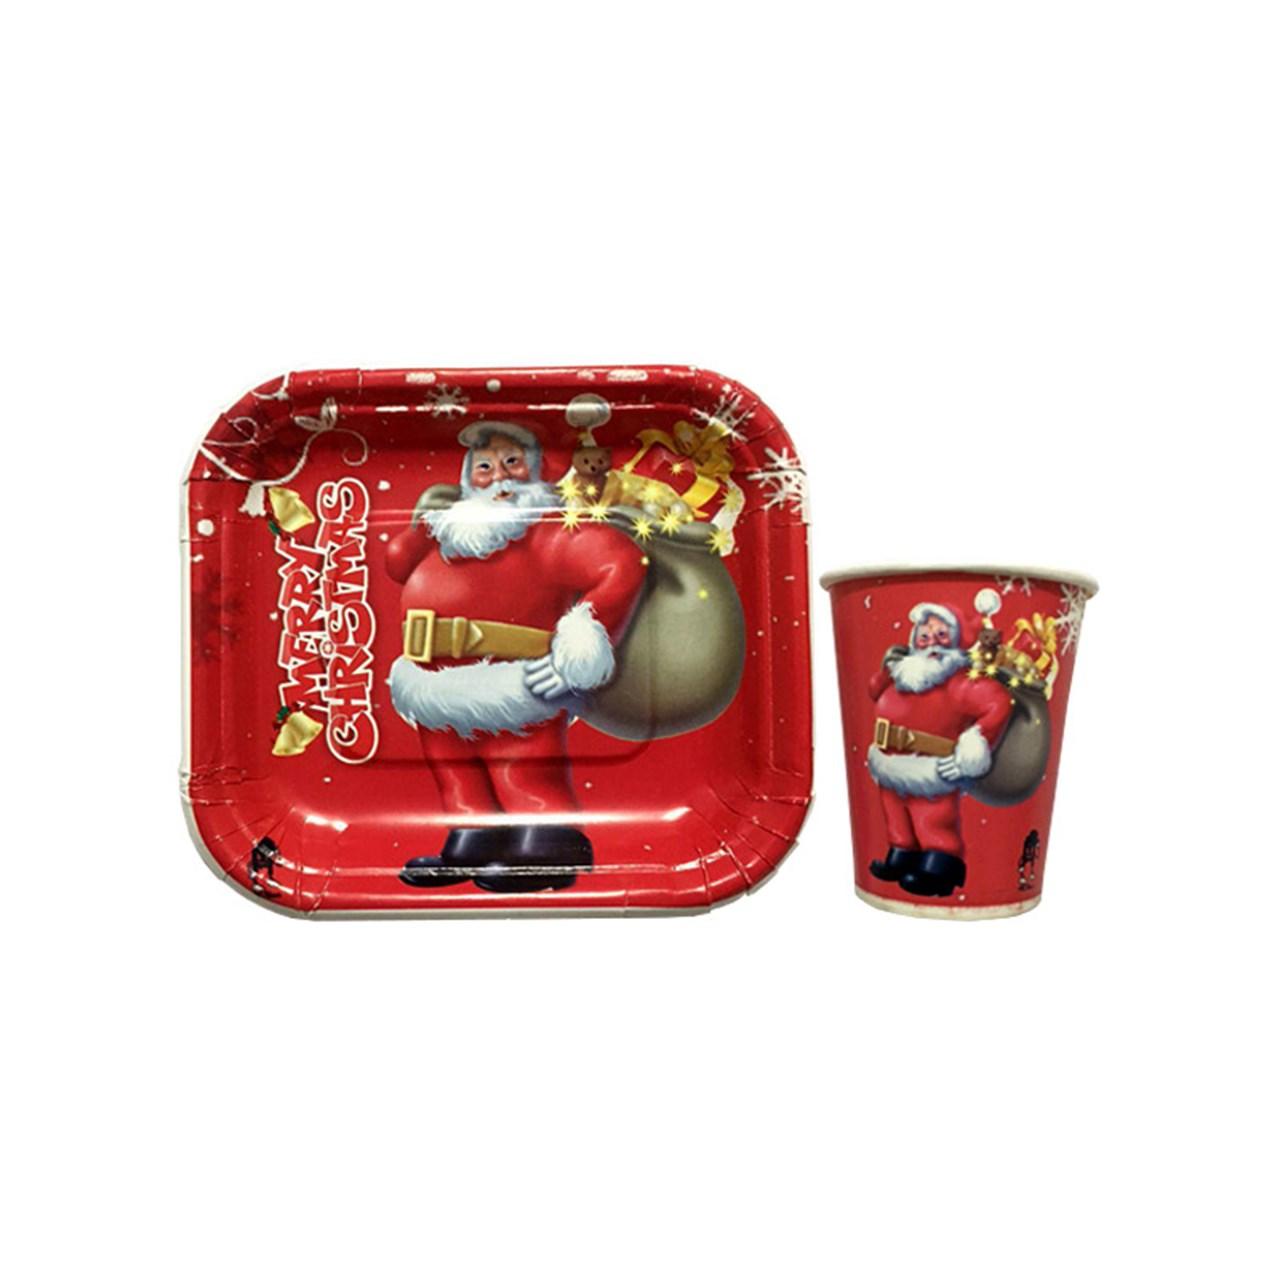 پیش دستی و لیوان یکبار مصرف سورتک طرح بابانوئل مجموعه 40 عددی